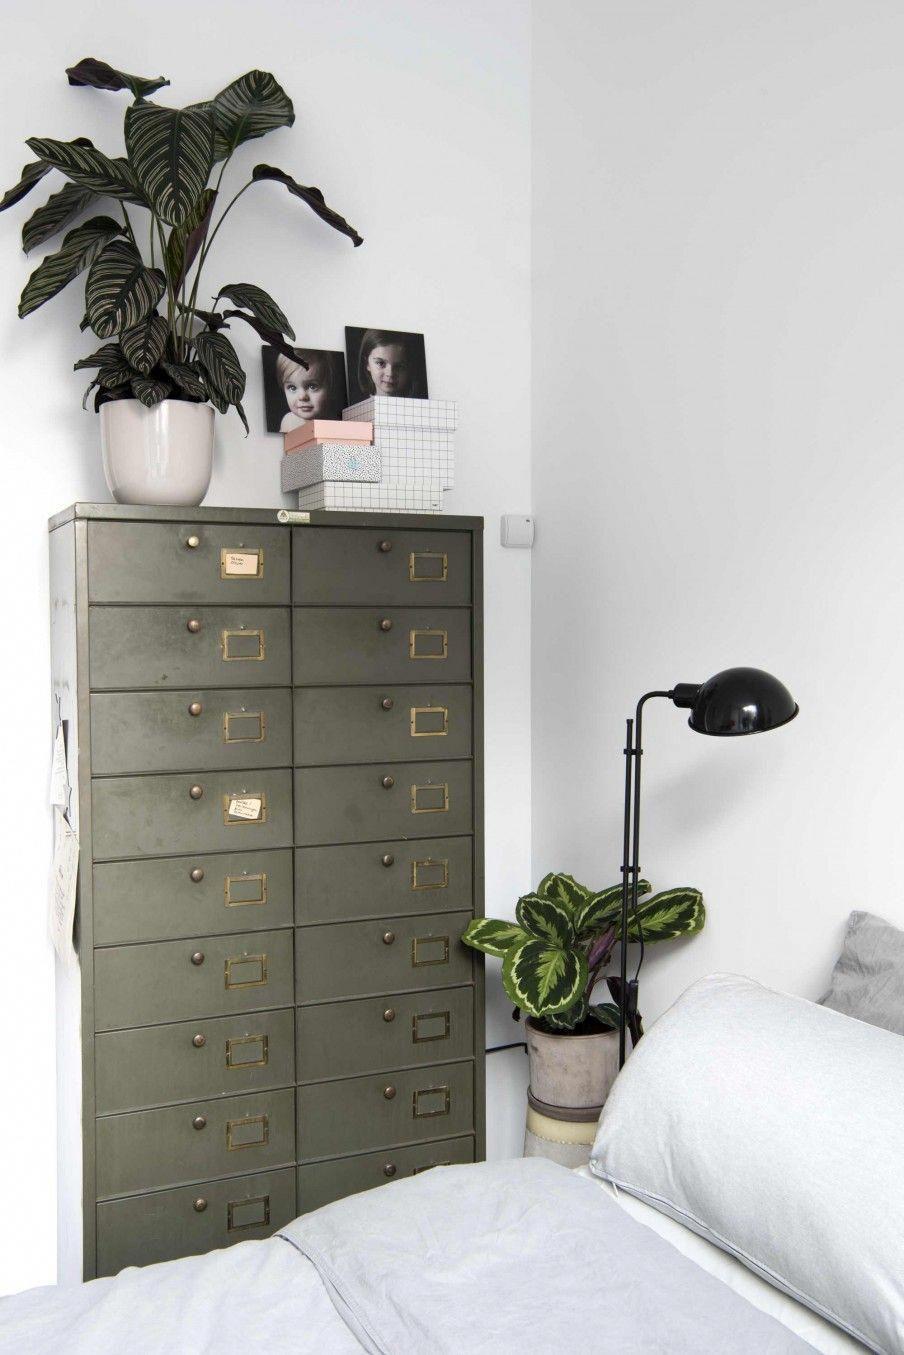 slaapkamer met metalen ladenkast bedroom with metal dresser vtwonen 11 2017 fotografie